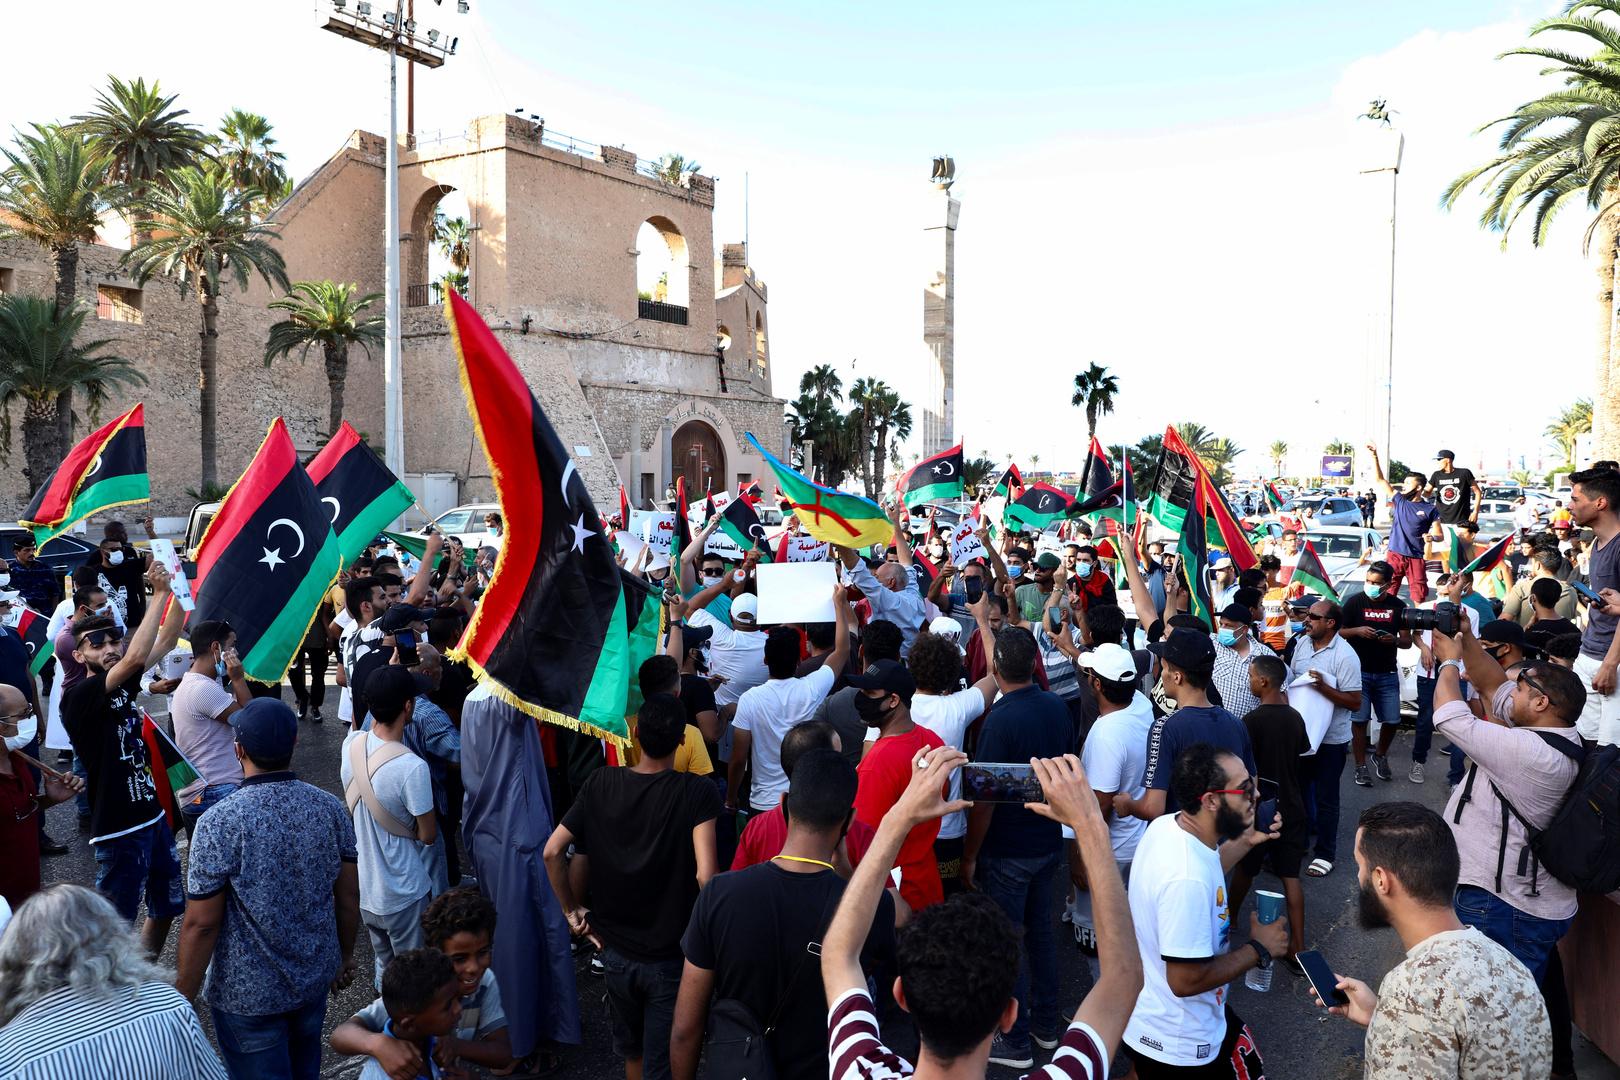 في ليبيا يطالبون بتغيير النظامين